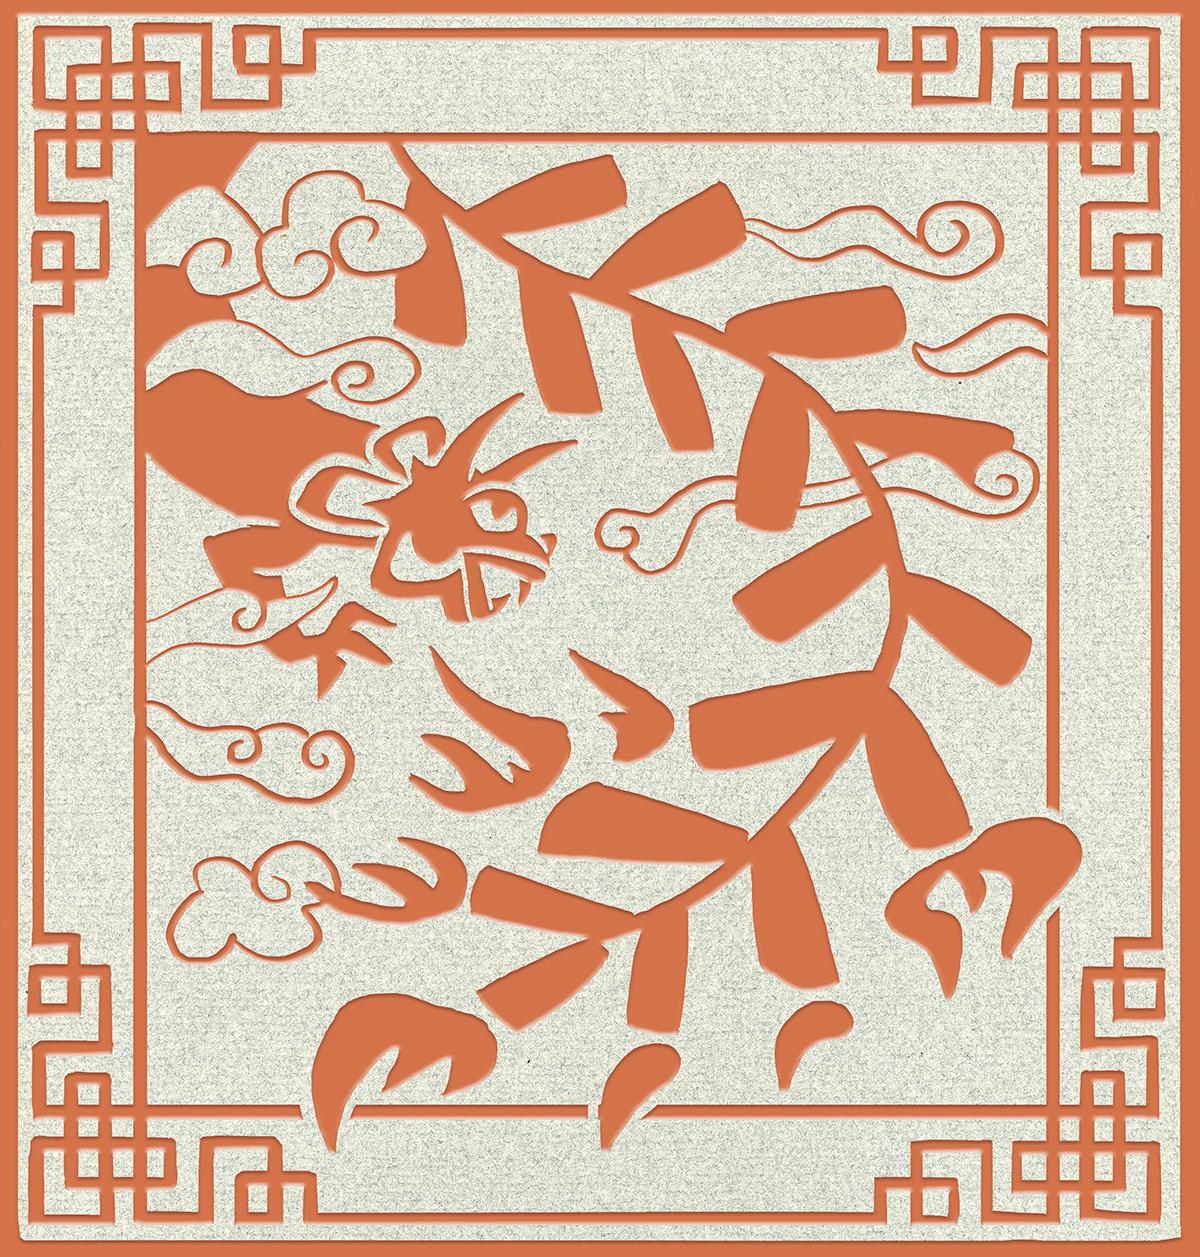 Fiona-Dunnett-Lunar-New-Year-Digital-Papercut-Firecrackers-Illustration-by-Fiona-Dunnett.jpg